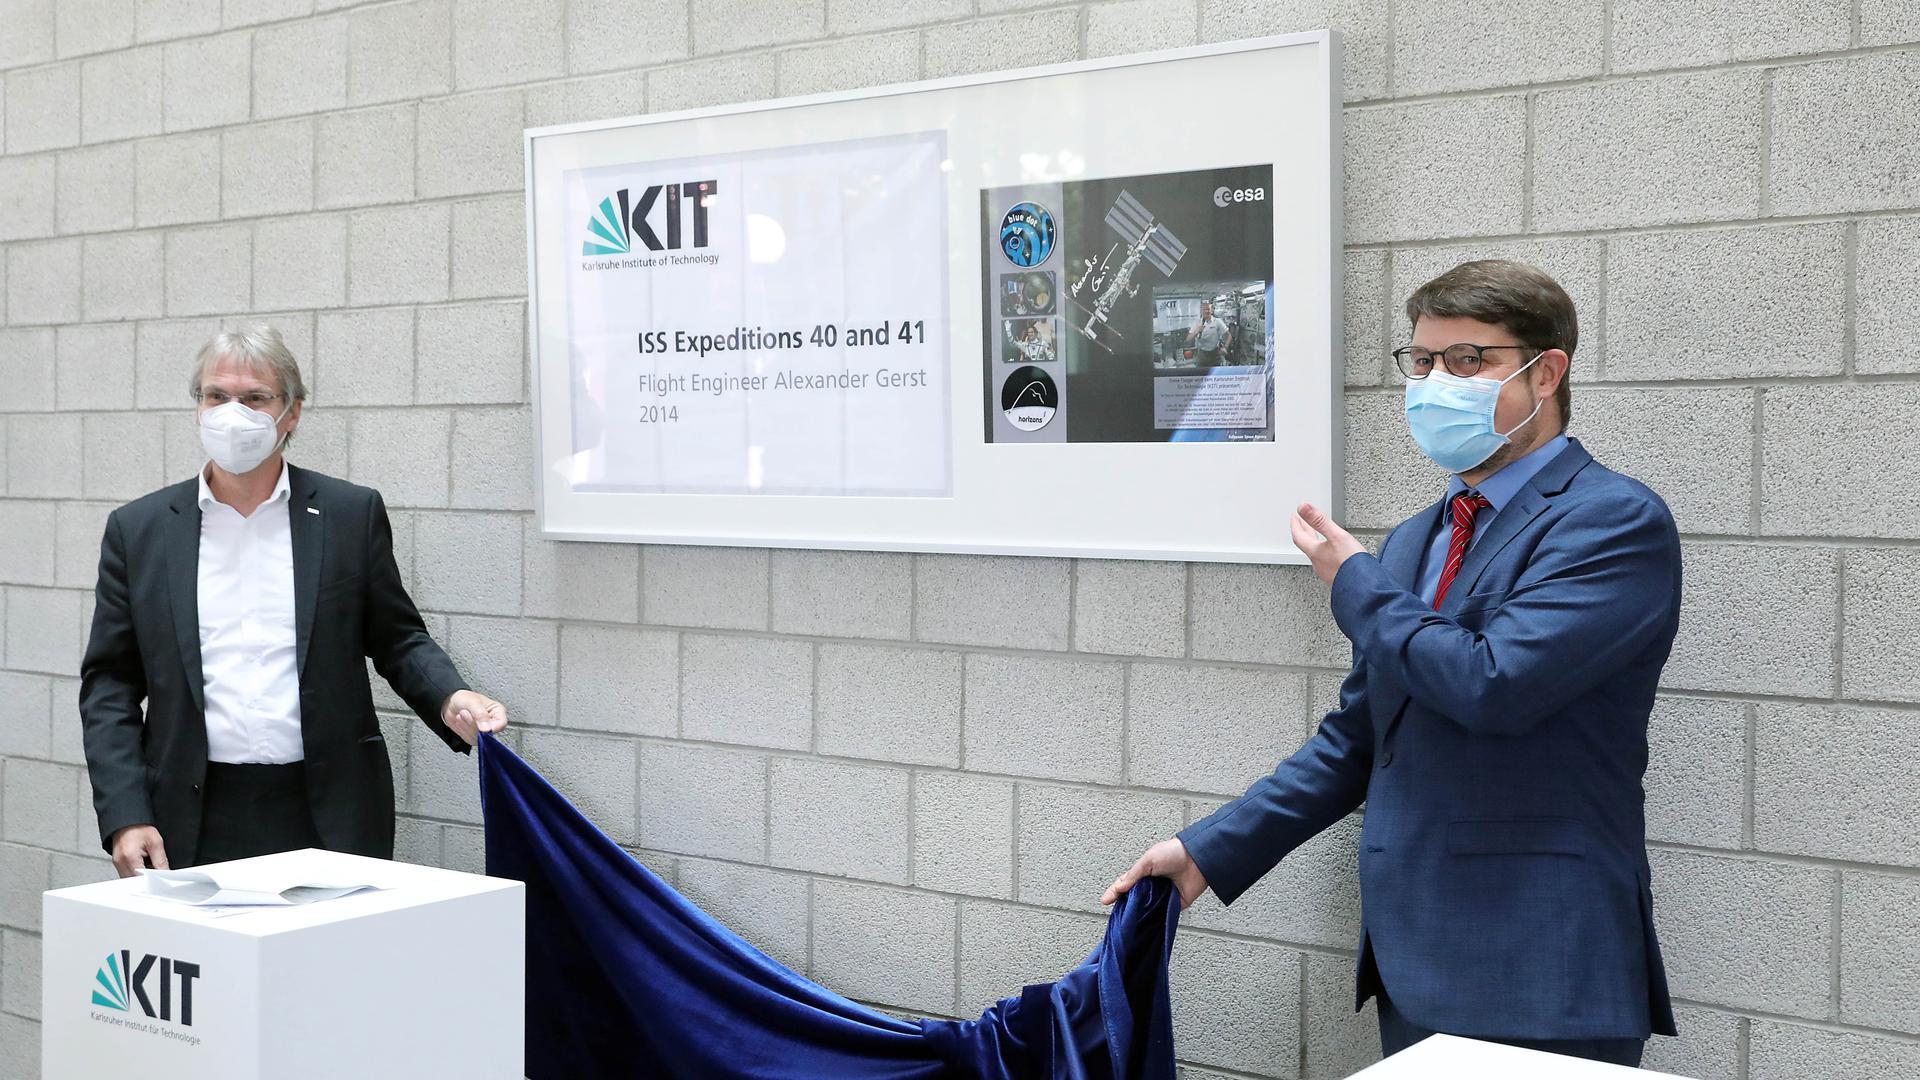 Die Fahne mit dem KIT-Logo hat den weltweit bekannten deutschen Astronauten Alexander Gerst 2014 bei seiner Reise ins All begleitet. Der Präsident des KIT Holger Hanselka und der Direktor der Bibliothek Arne Upmeier haben am Freitagmittag die Fahne beim Eingang der Bibliothek enthüllt.